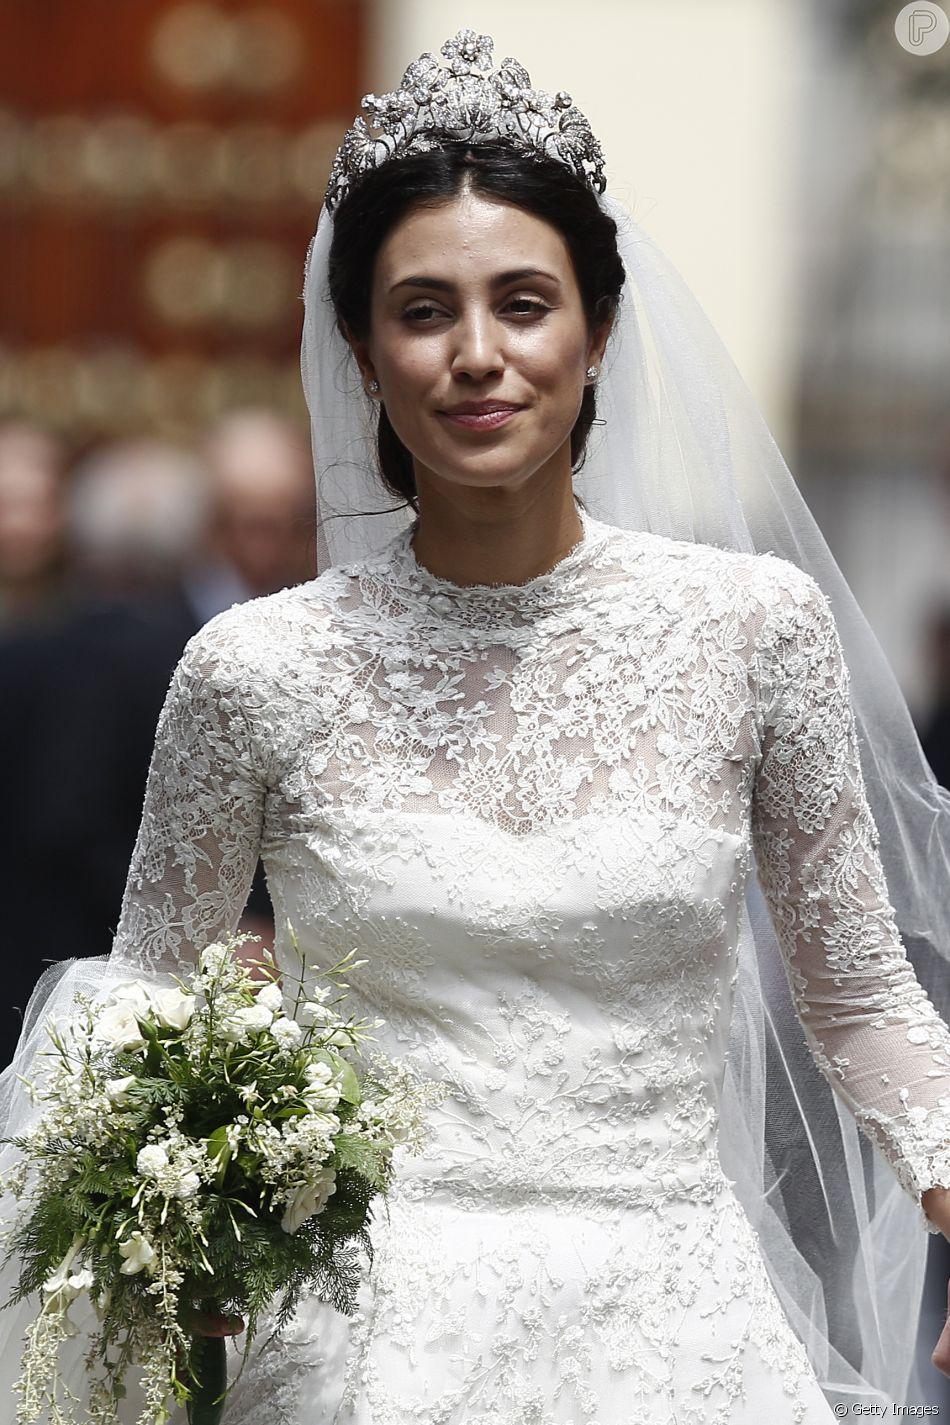 1061529d9 A ex-modelo peruana Alessandra de Osma se casou com o príncipe Christian de  Hanover